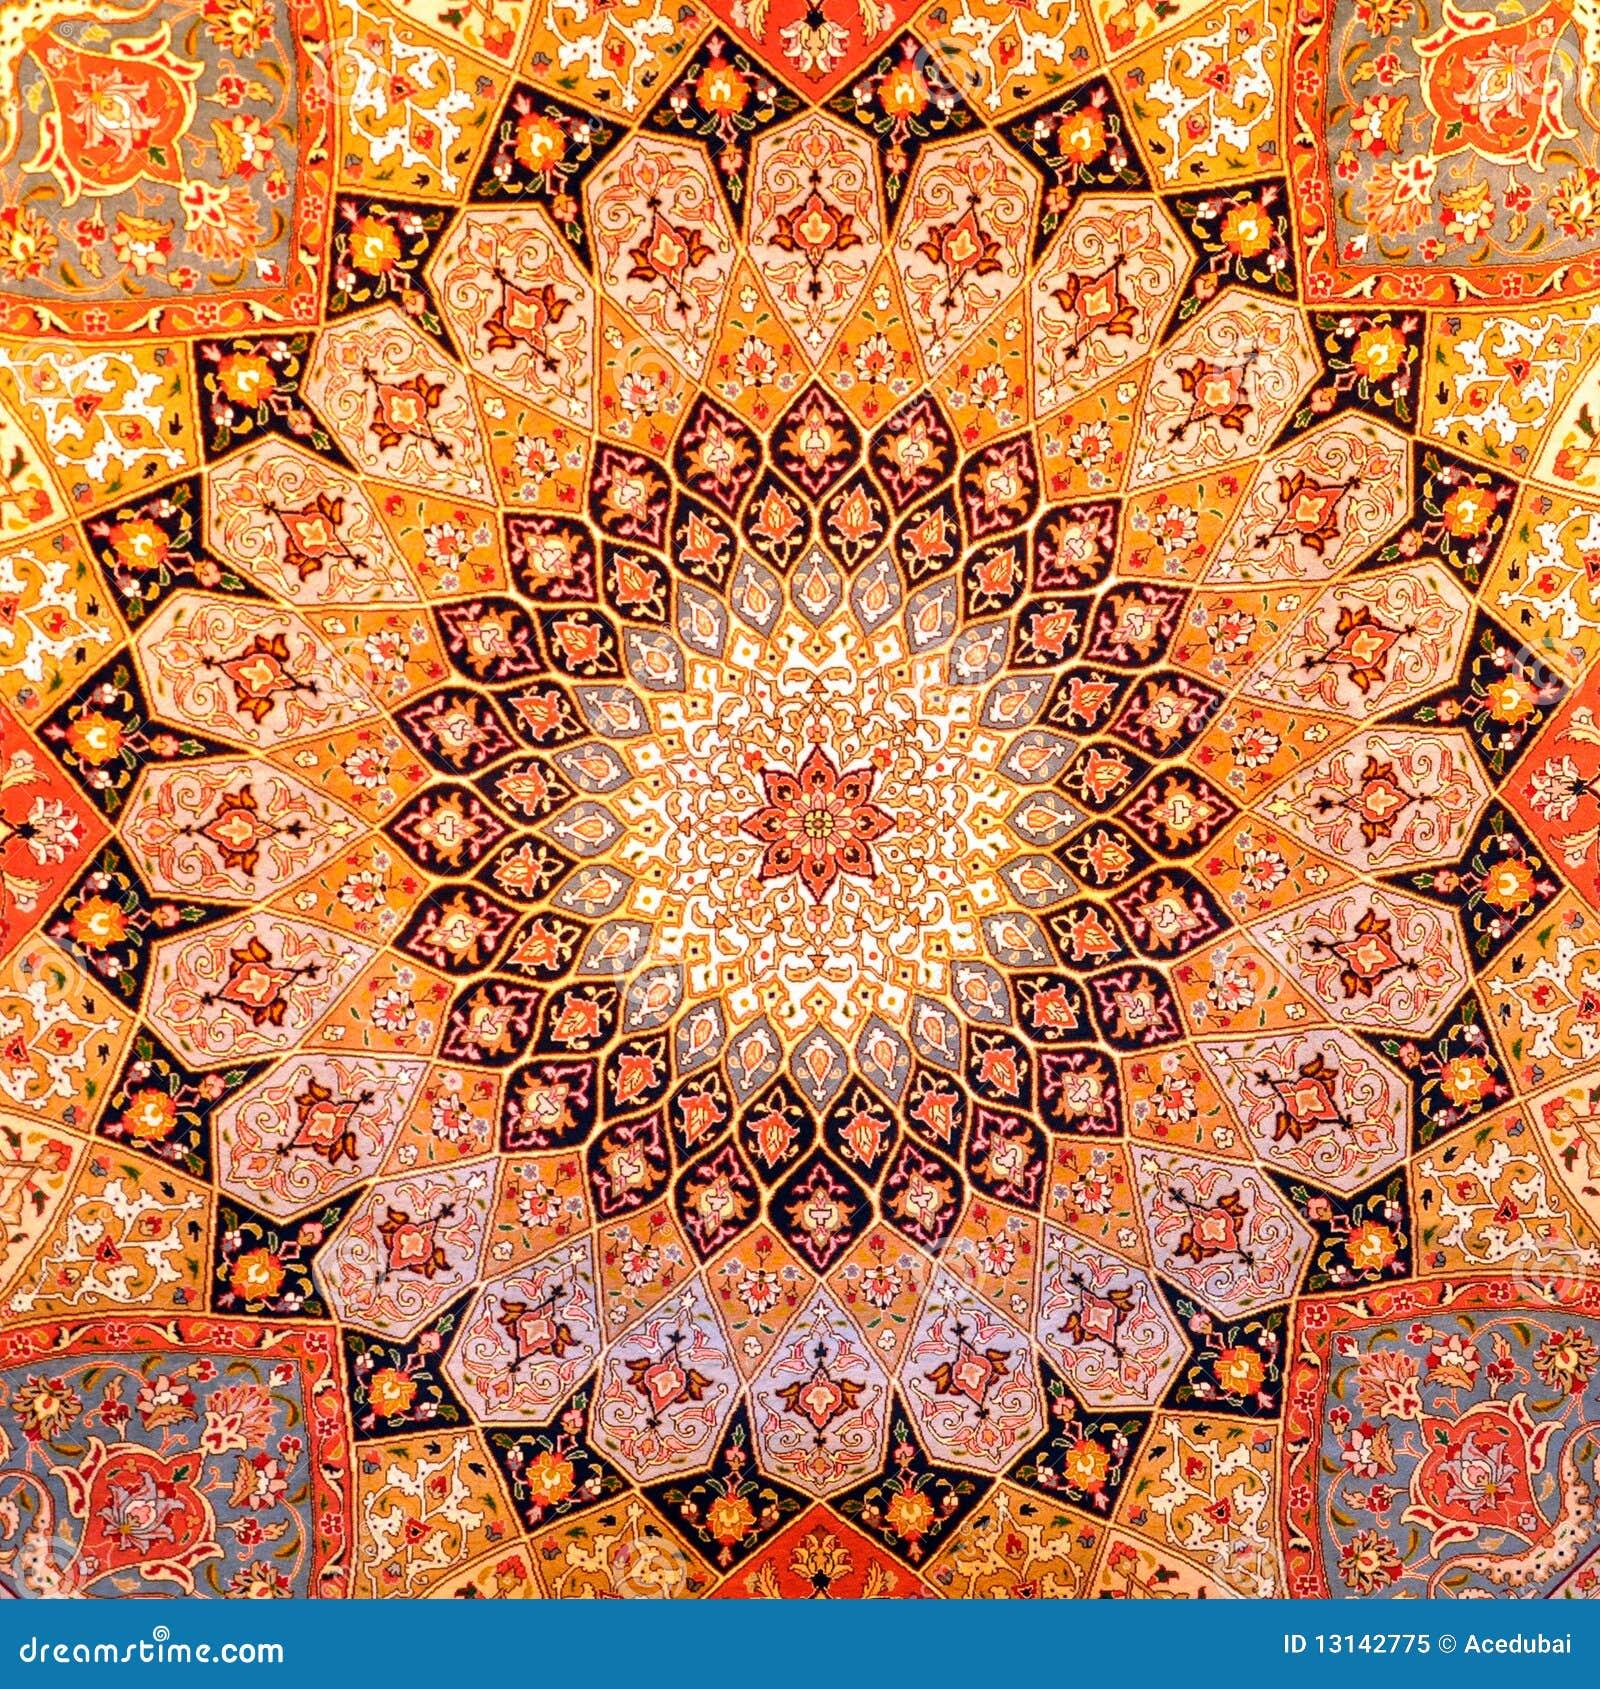 dise o de la alfombra persa imagen de archivo imagen